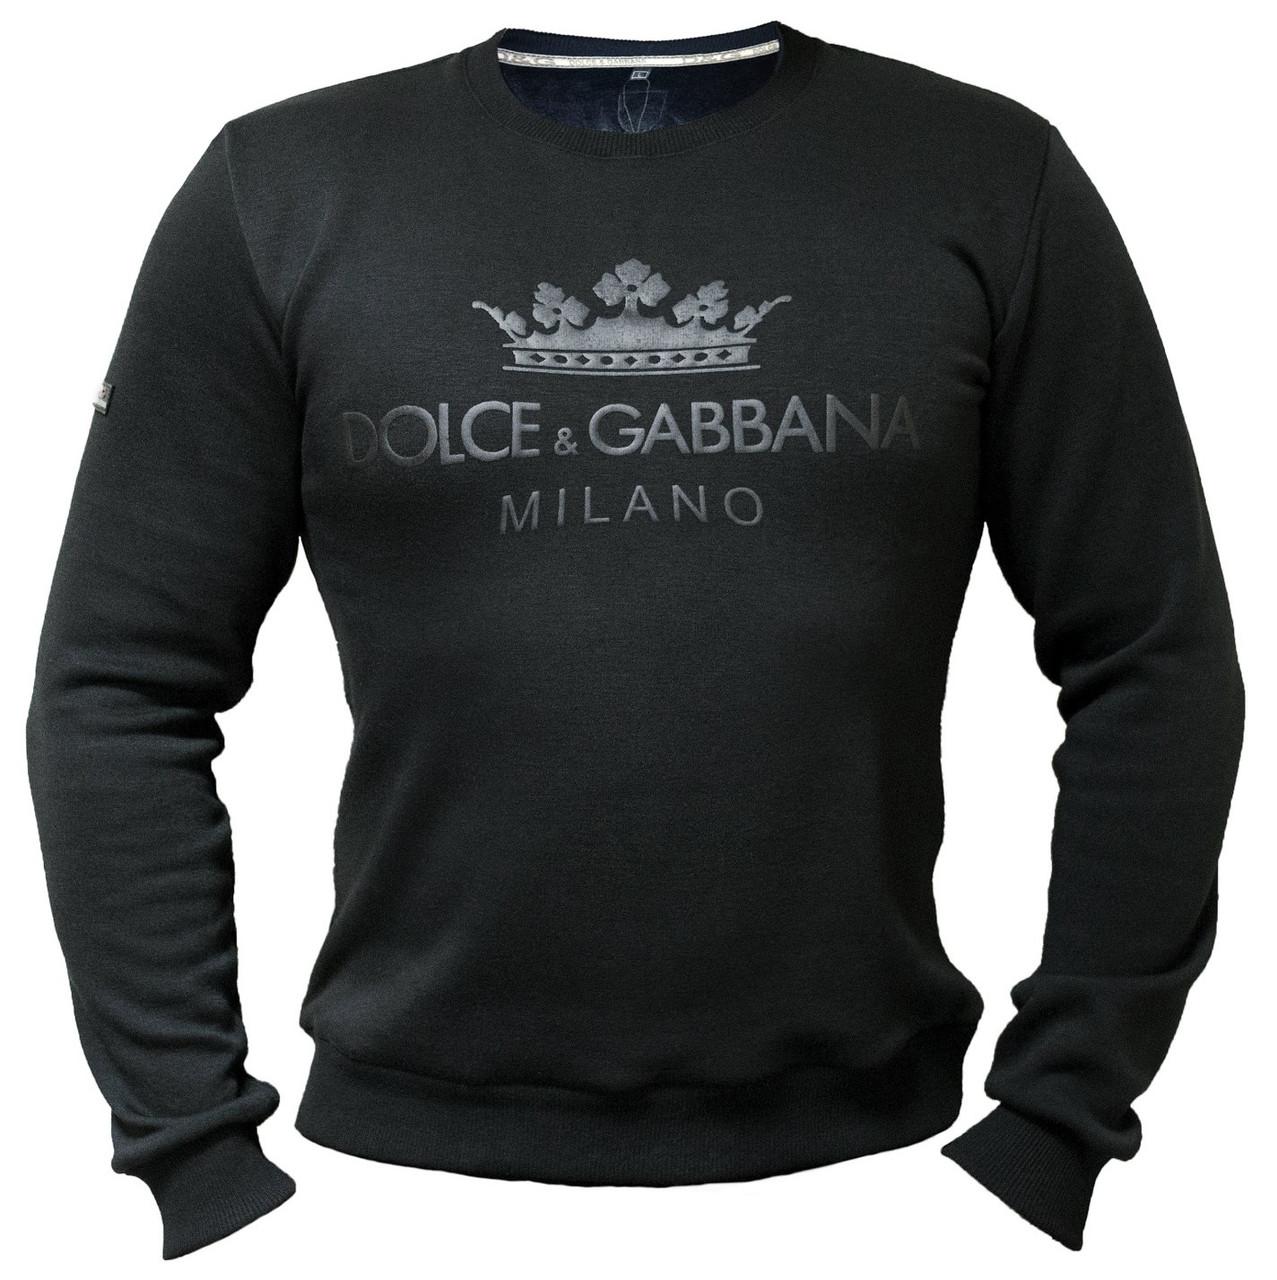 Мужской свитшот Dolce & Gabbana трехнитка на флисе